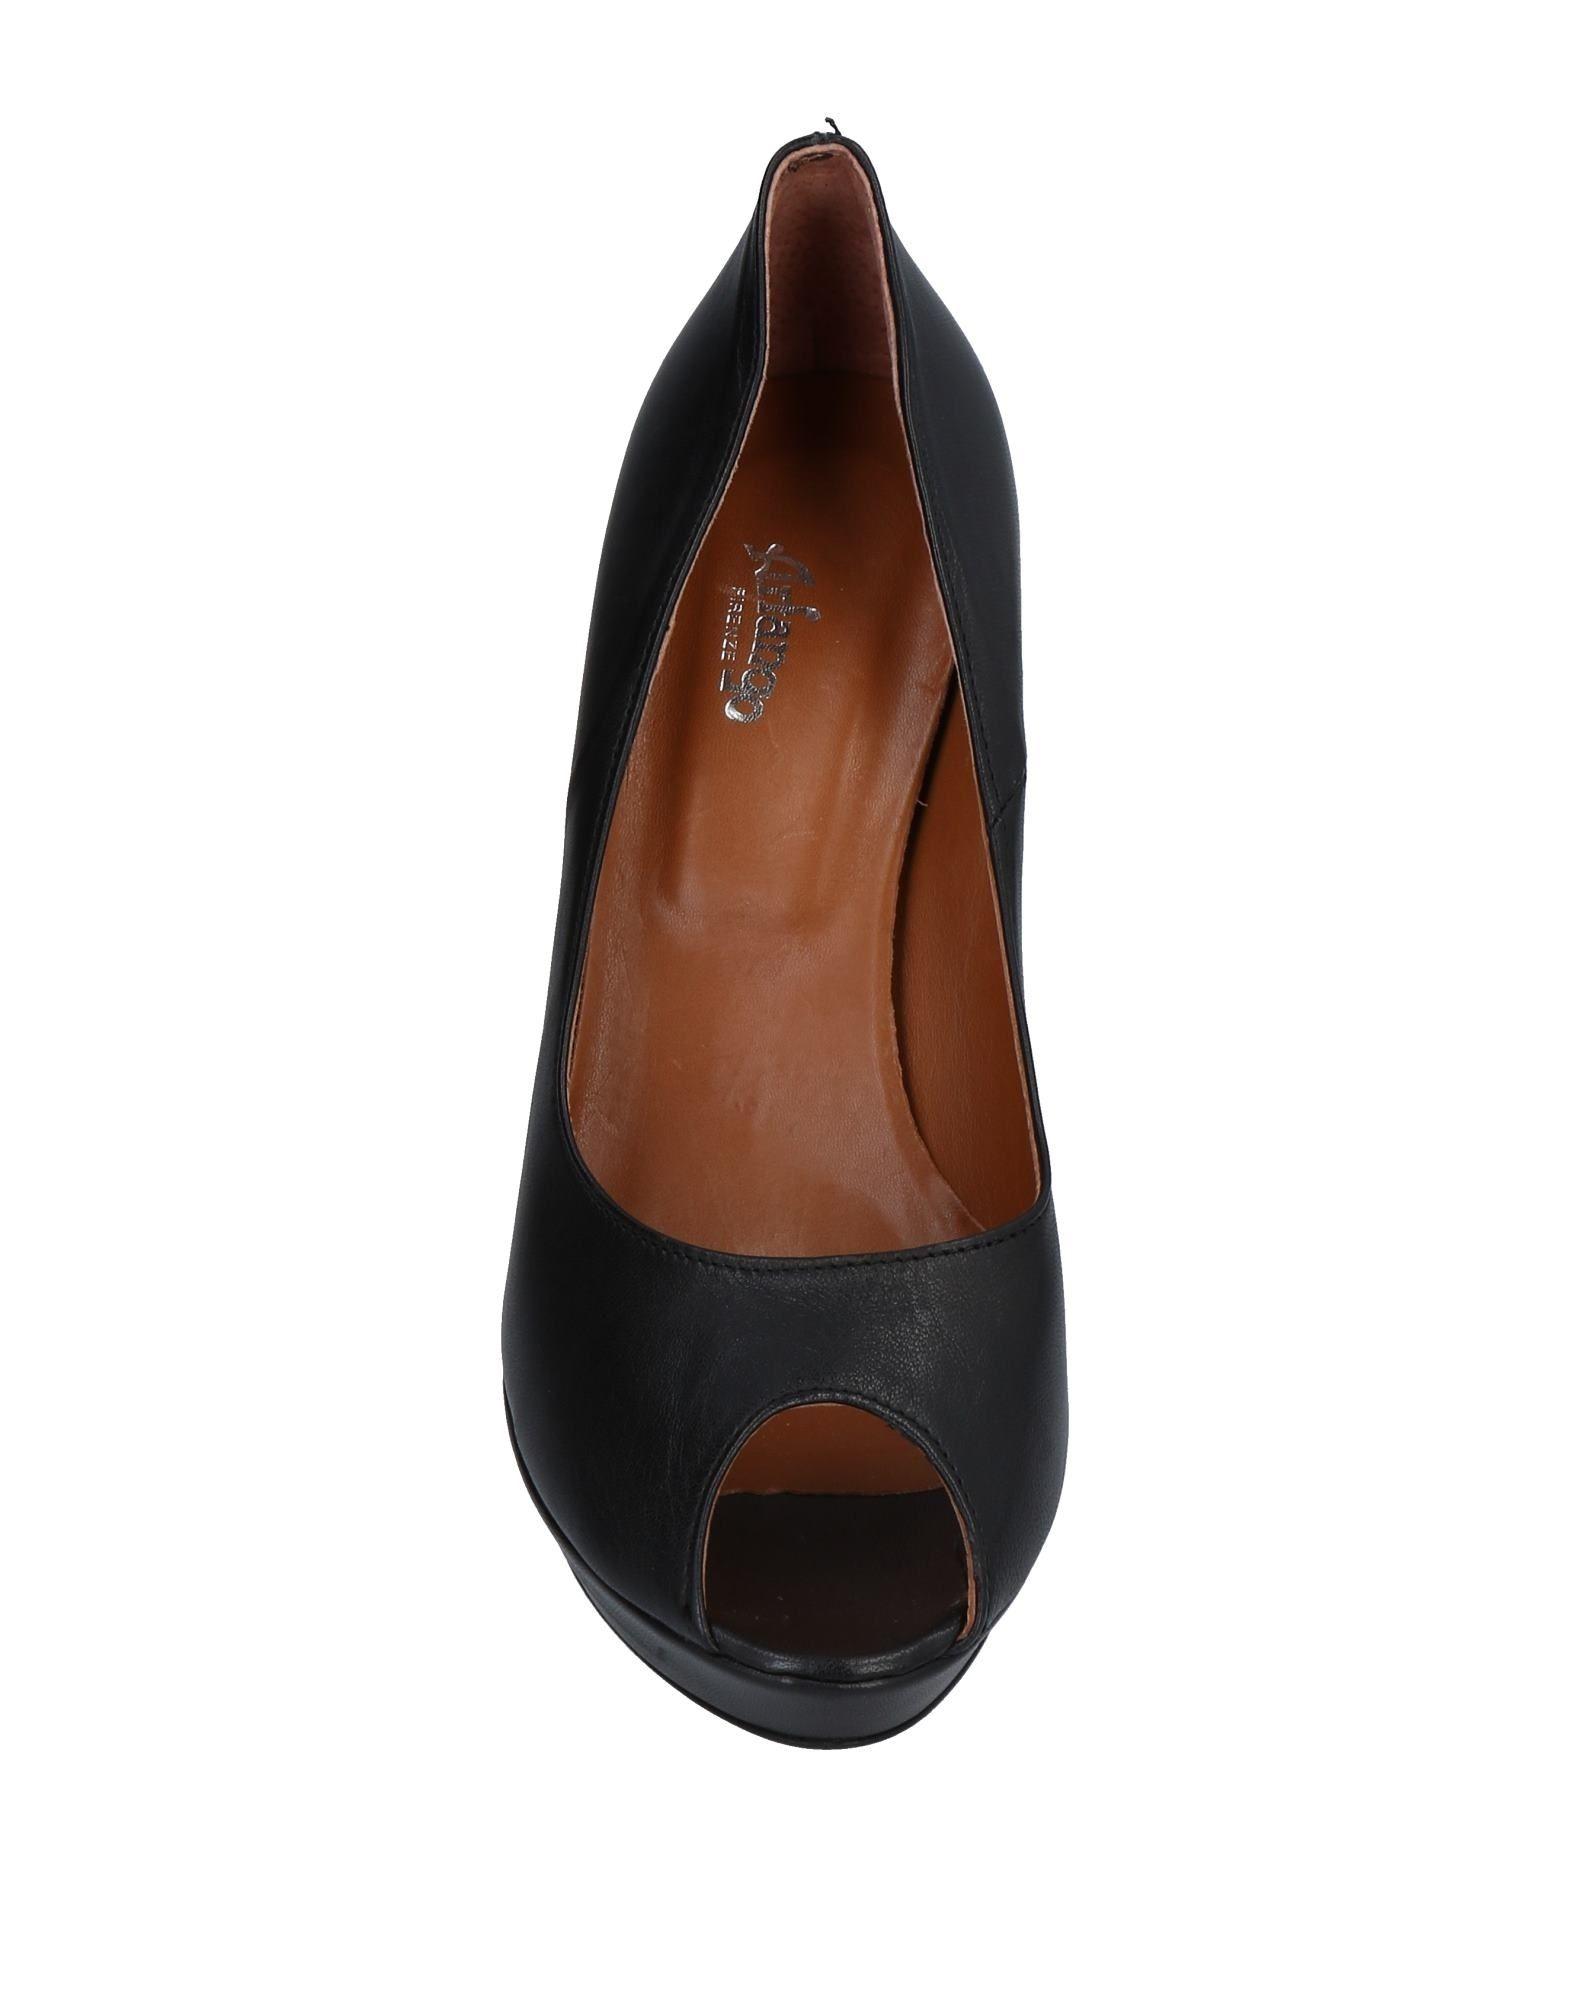 Stilvolle billige Schuhe Arfango Pumps 11477980GH Damen  11477980GH Pumps baa413